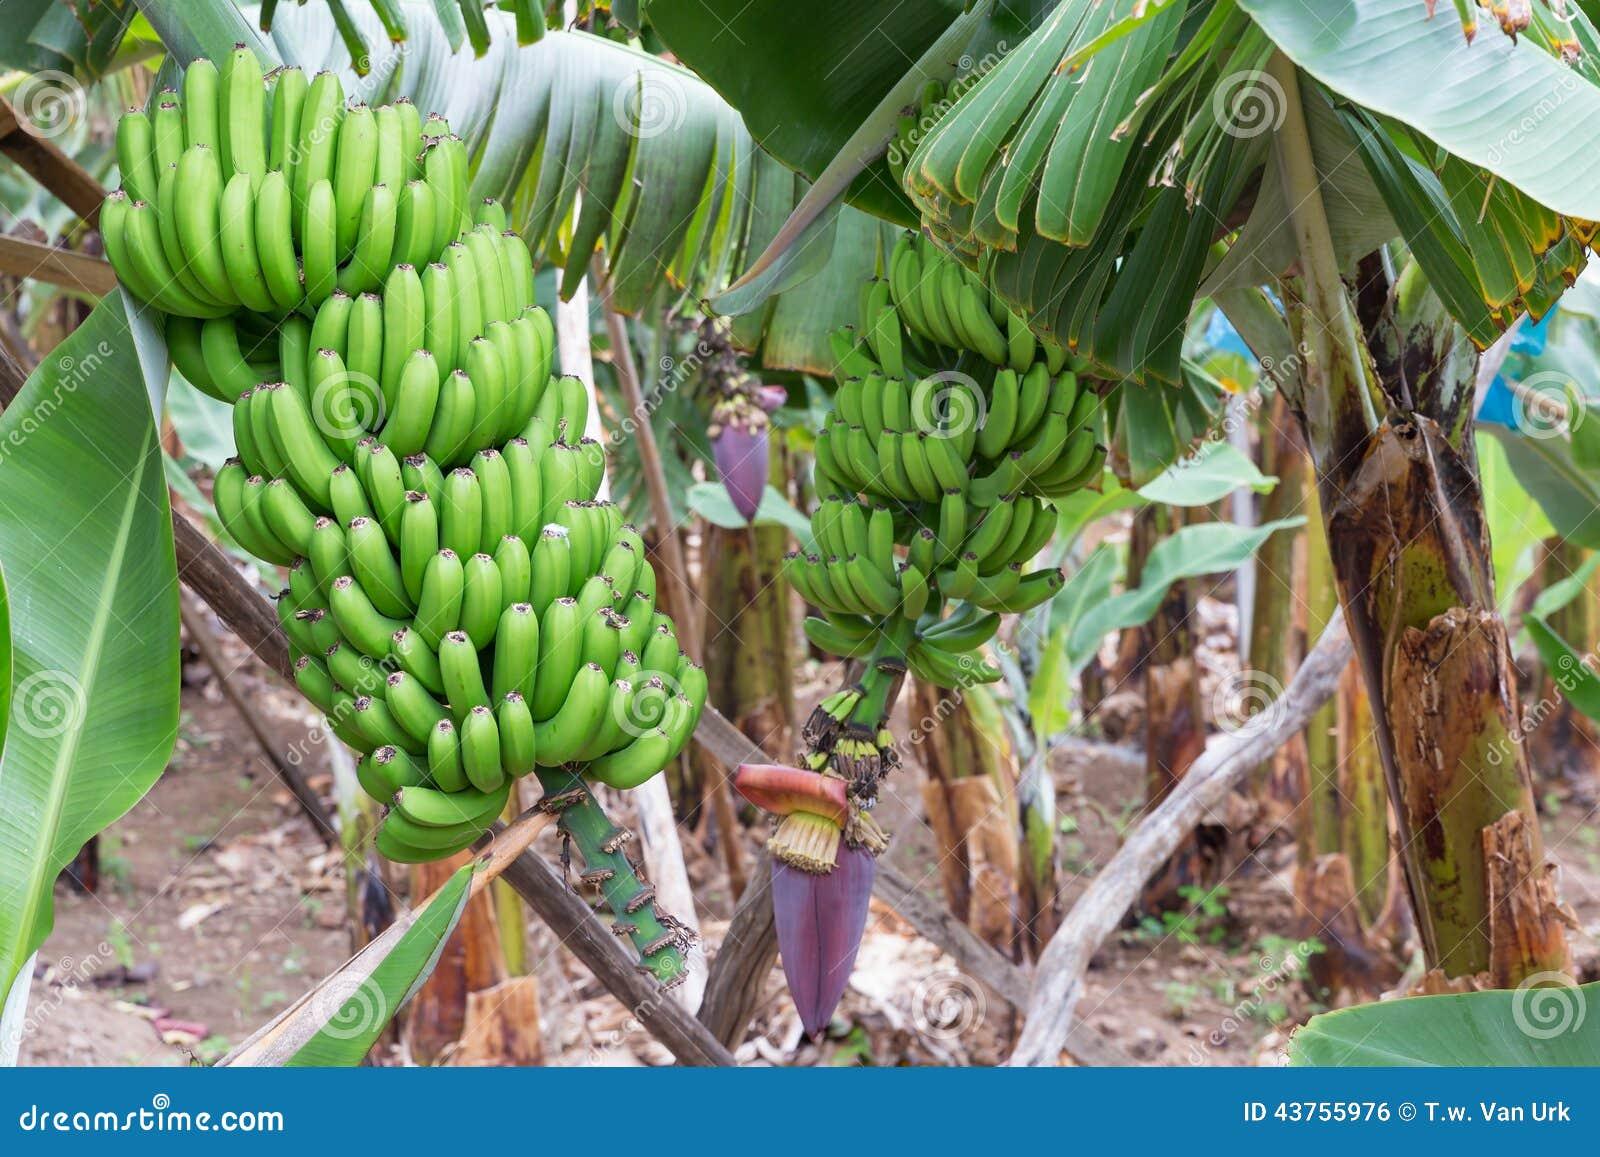 plantation de banane l 39 le de la mad re photo stock image 43755976. Black Bedroom Furniture Sets. Home Design Ideas